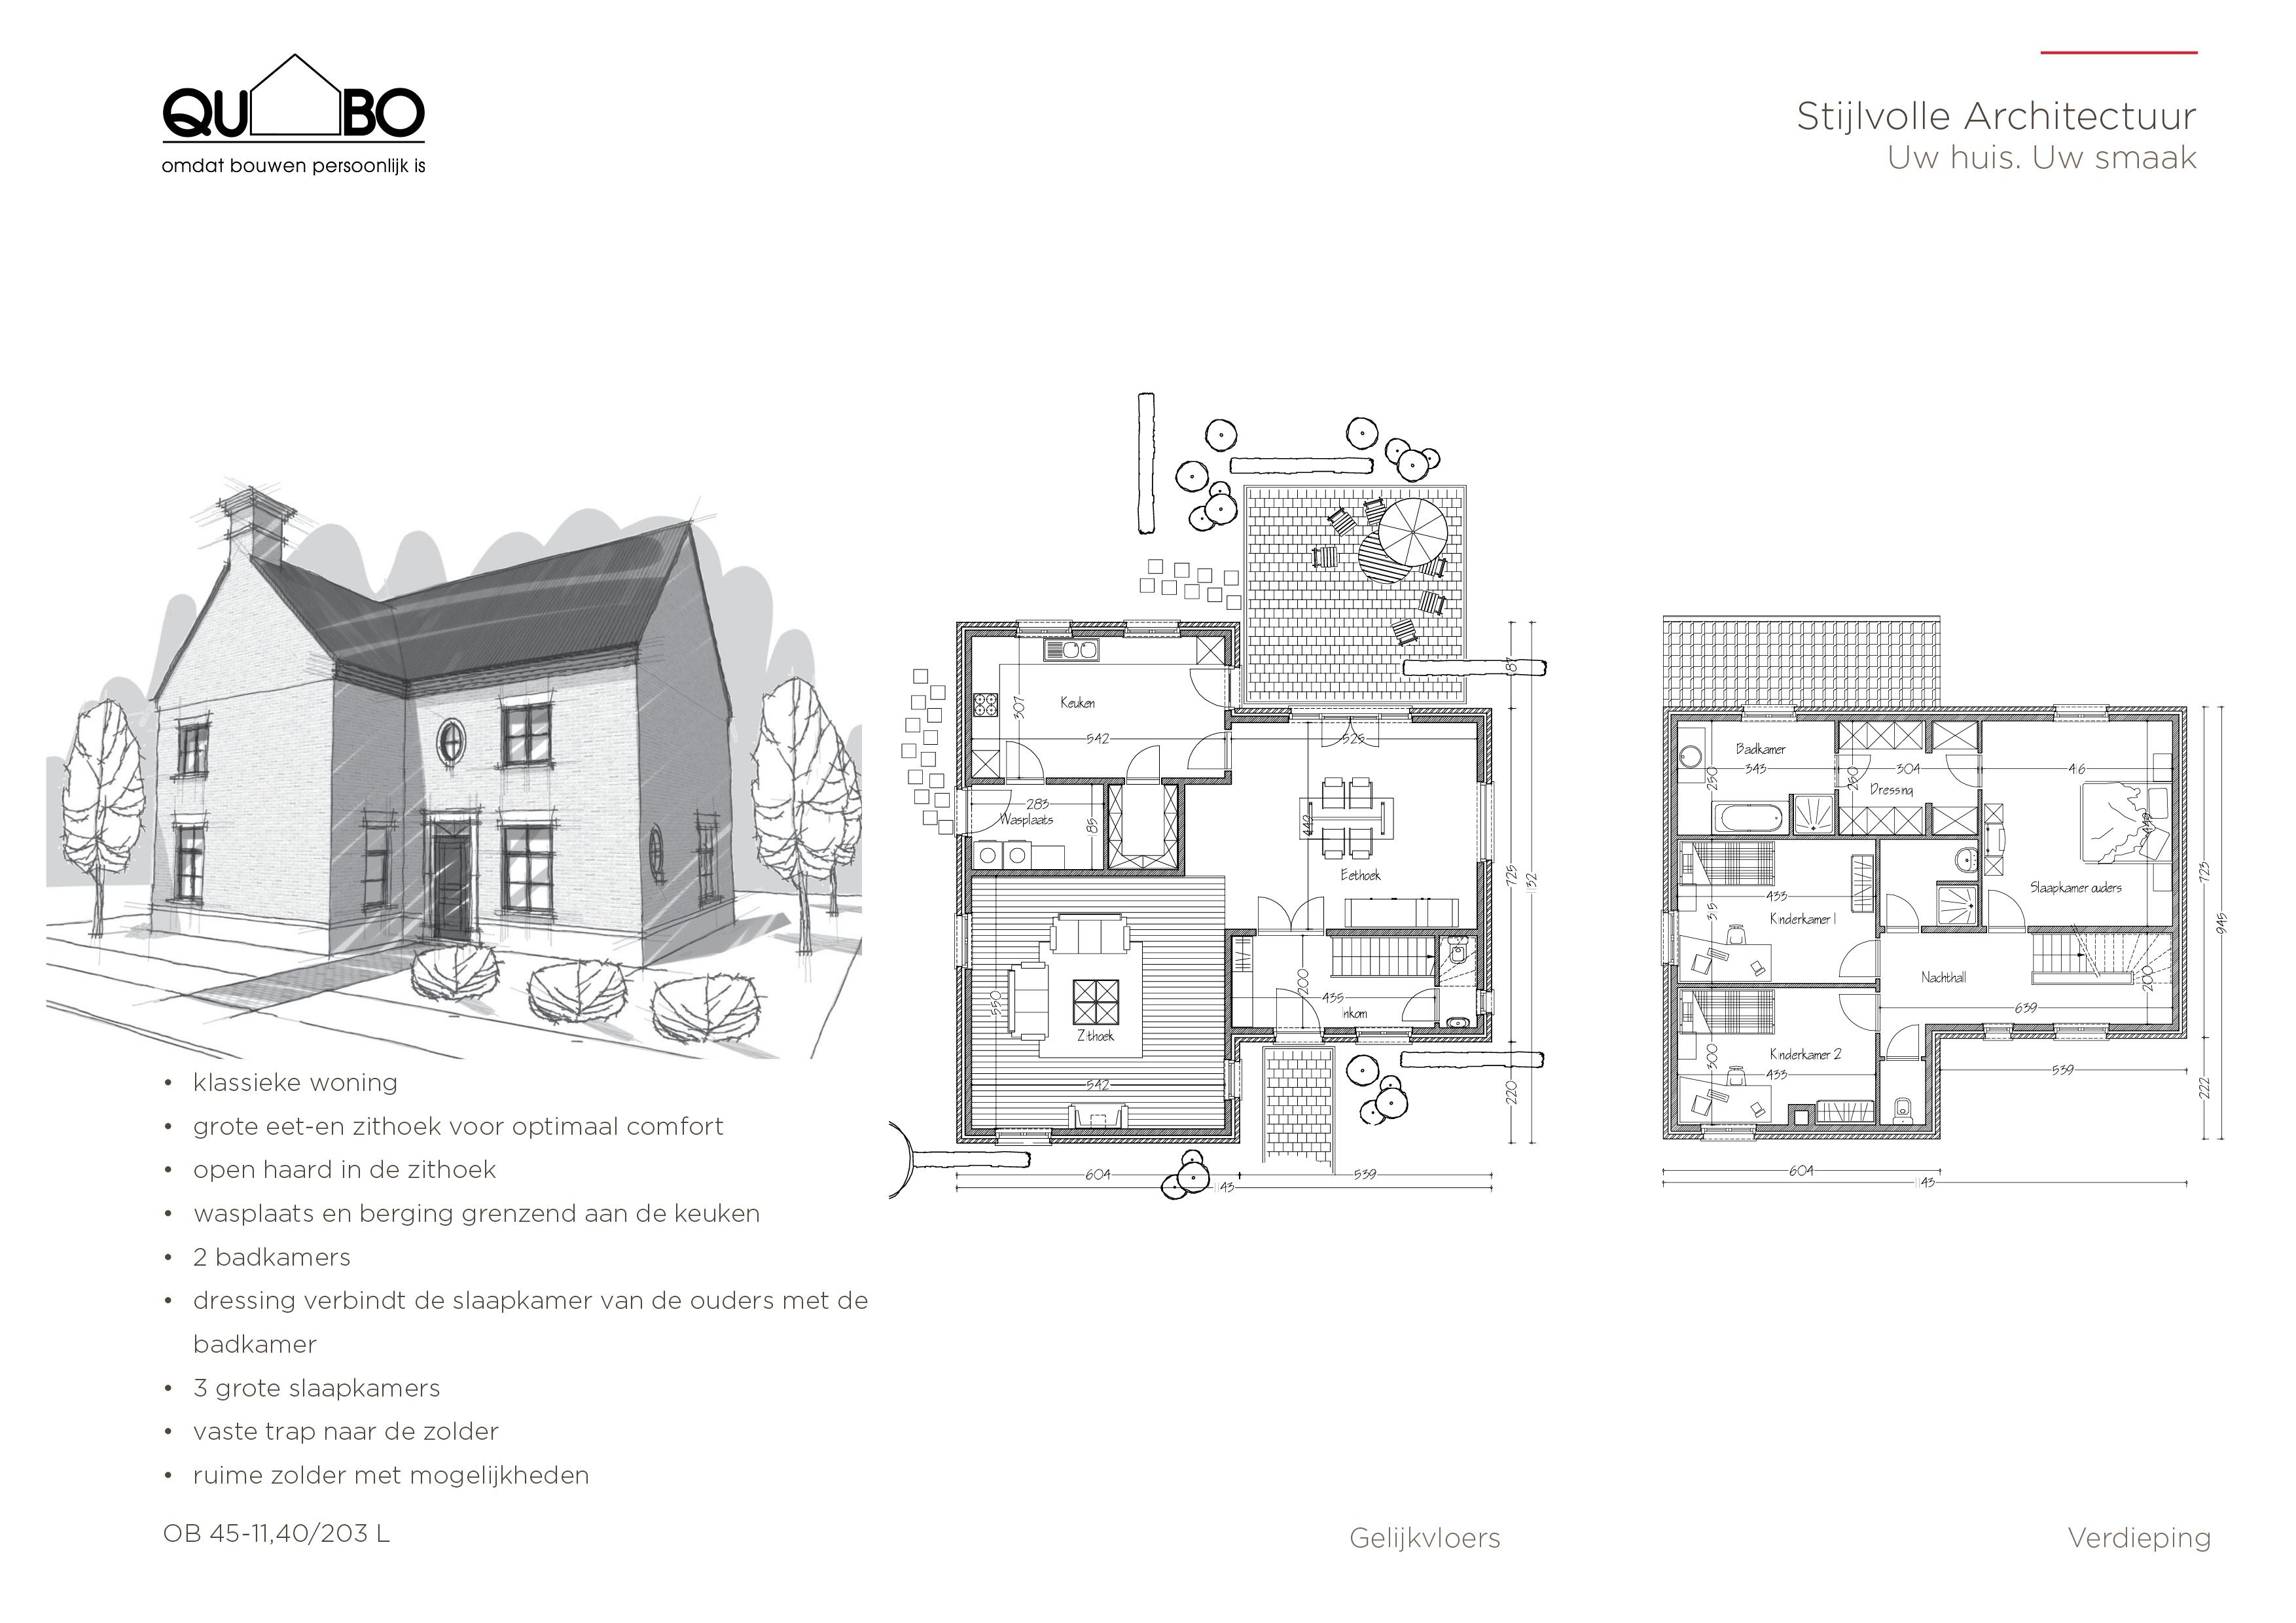 Voorbeeldplan 39 OB 45-11.4 203 L